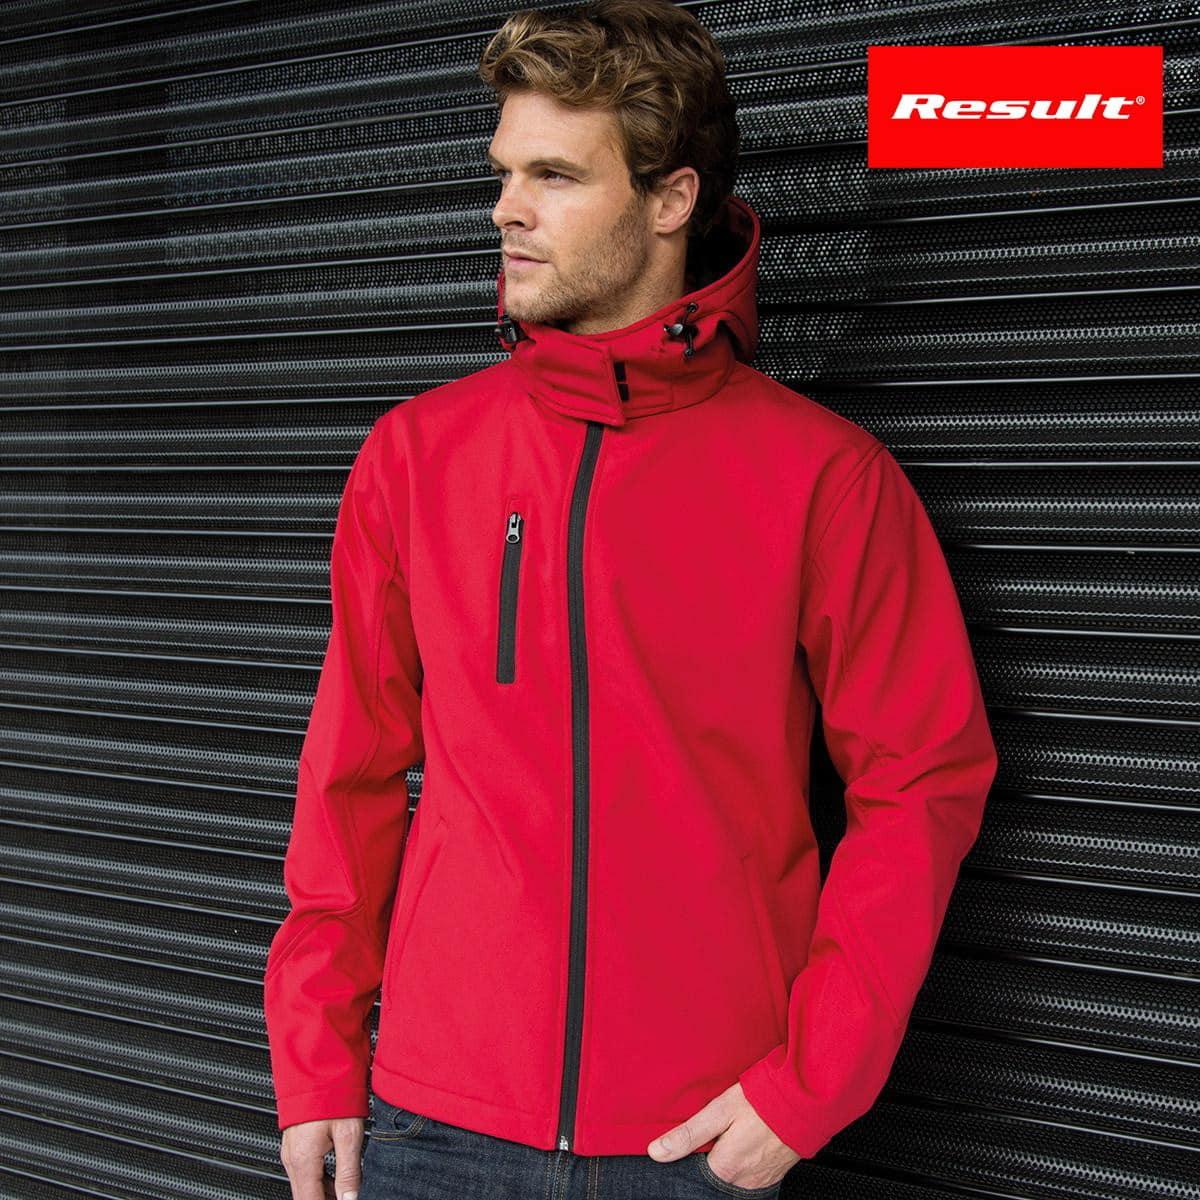 Uomo con giacca rossa traspirante e impermeabile con interno in micropile